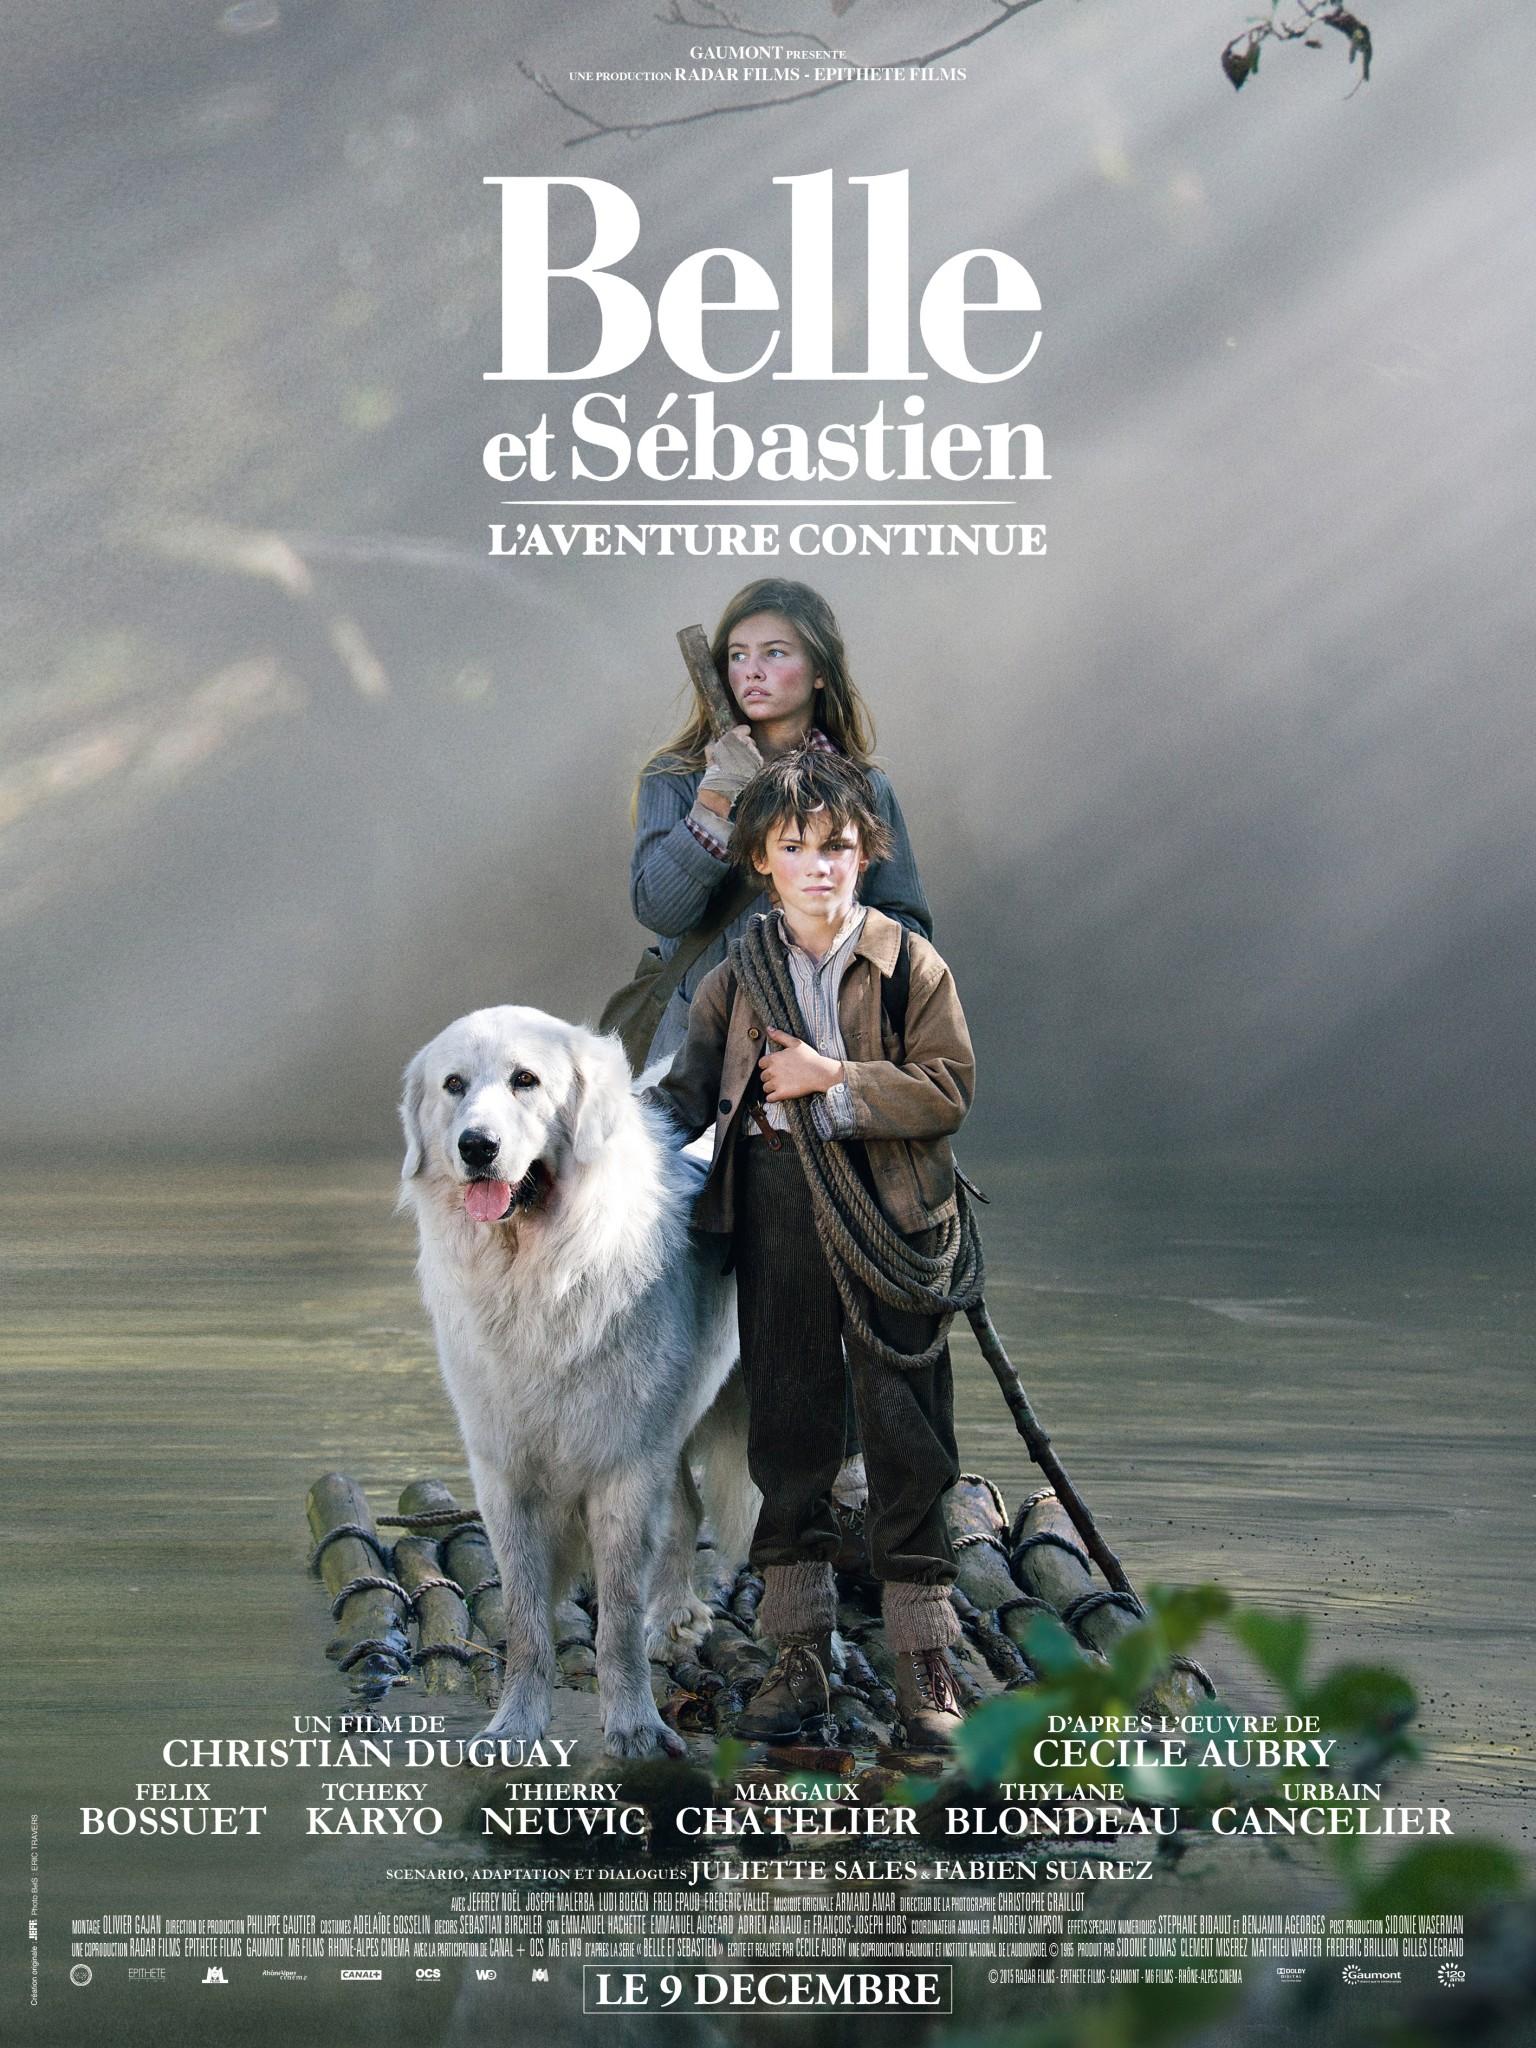 """[Critique] """"Belle et Sébastien : L'aventure continue"""" (2015) de Christian Duguay 1 image"""